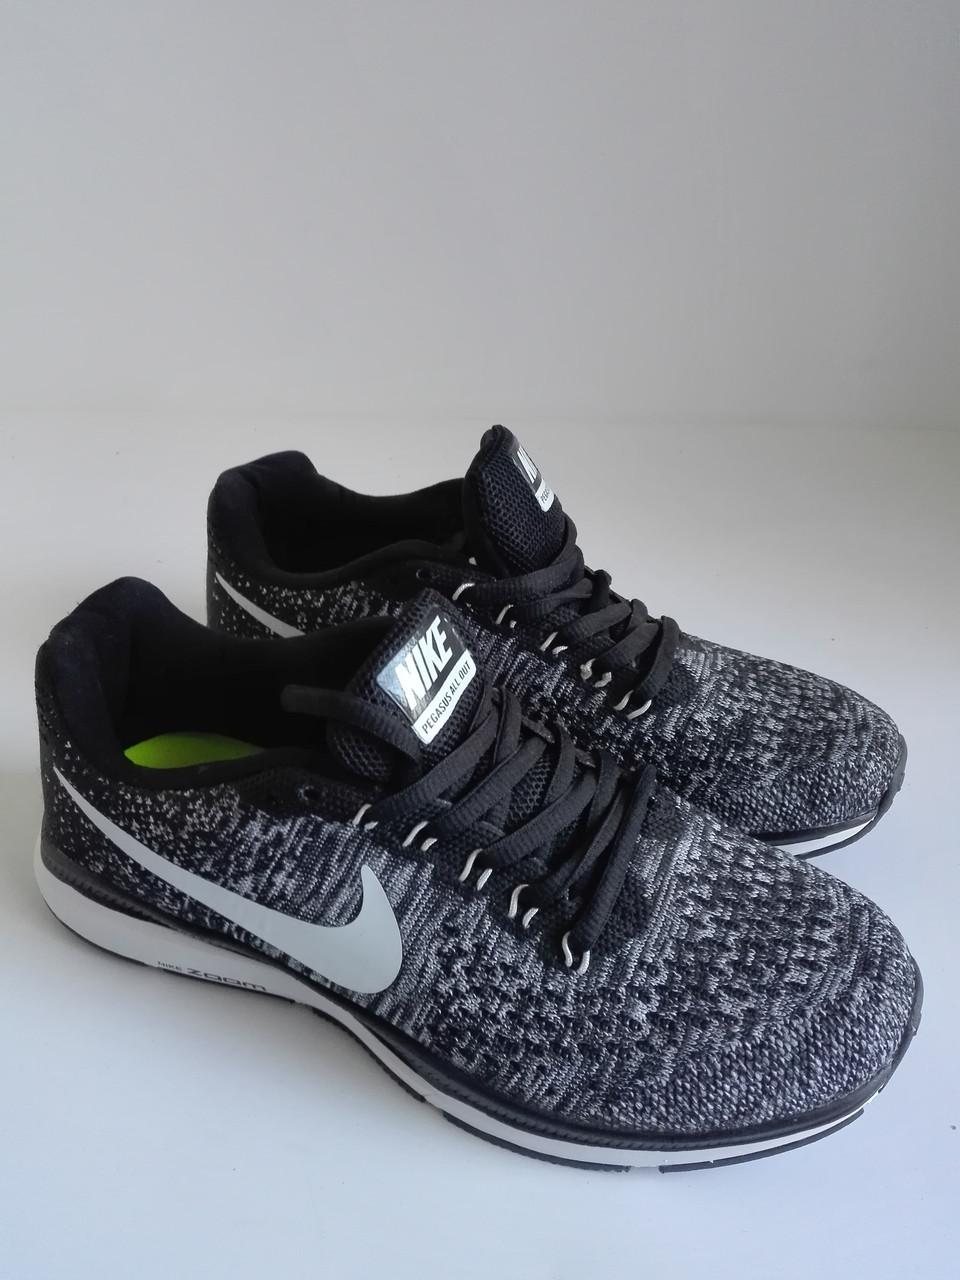 26180d39 Женские легкие кроссовки Nike runfast - Интернет магазин